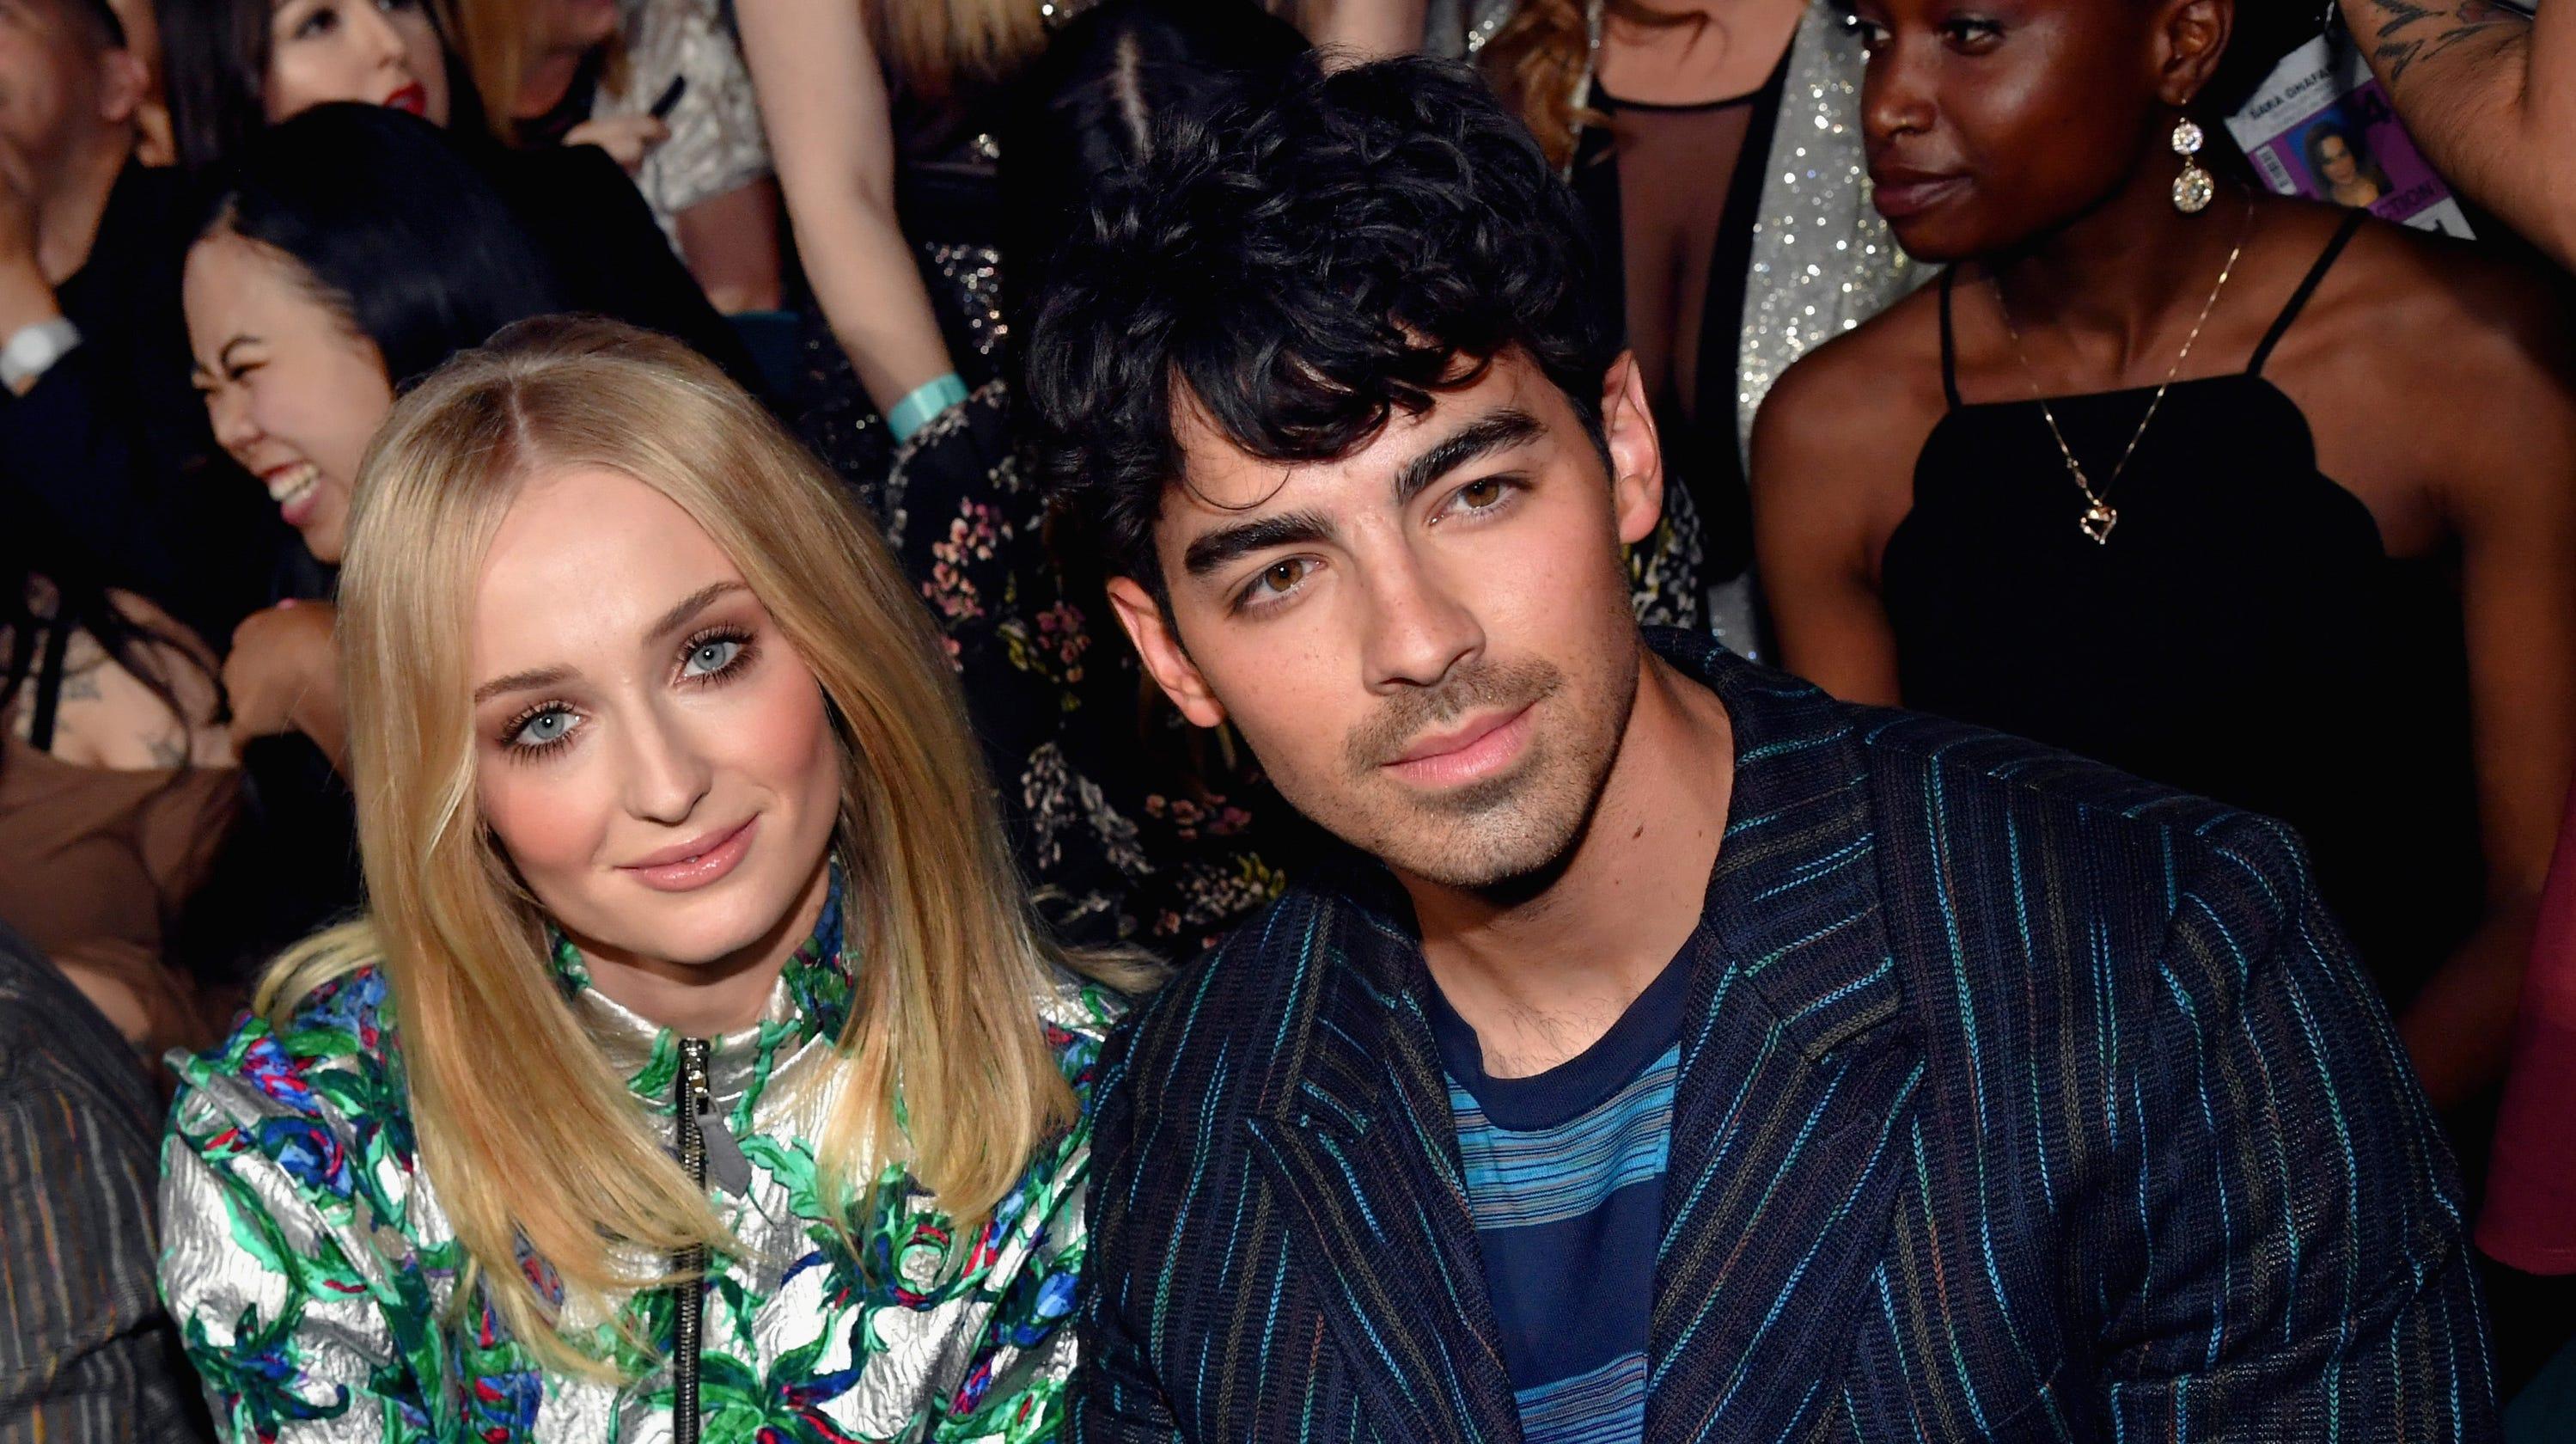 Sophie Turner, Joe Jonas wed in Las Vegas after Billboard